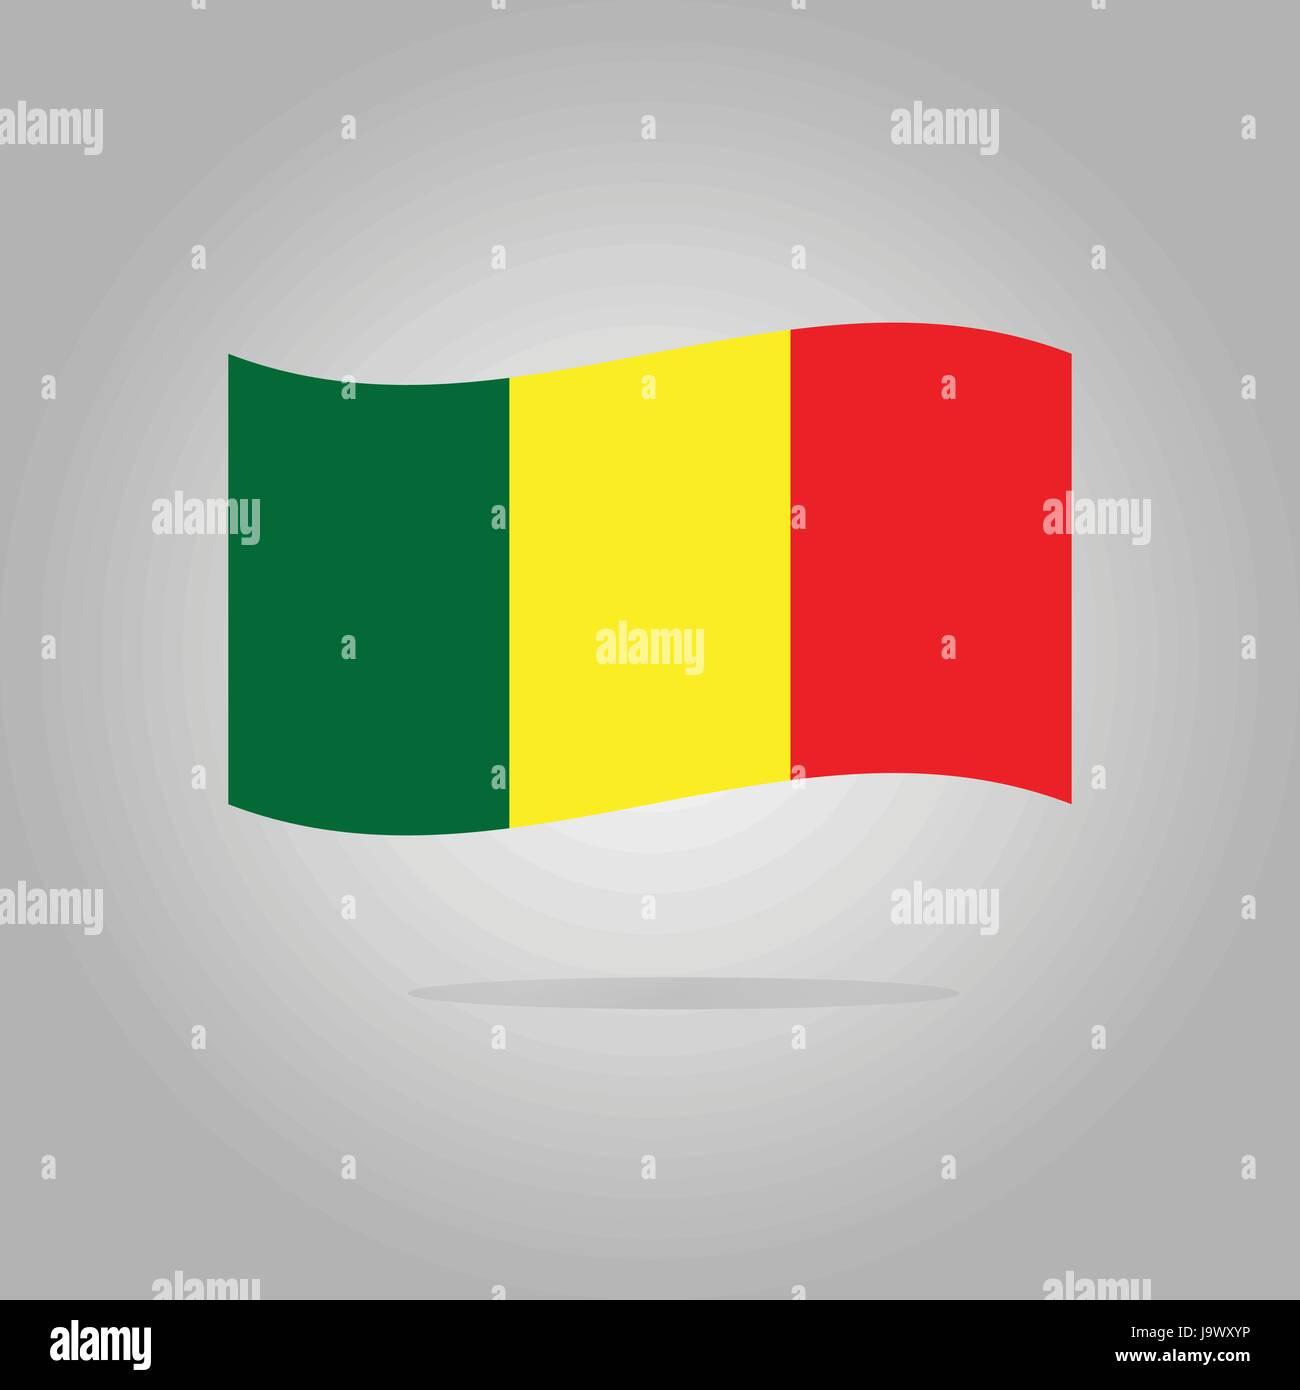 Guinea flag design illustration - Stock Vector